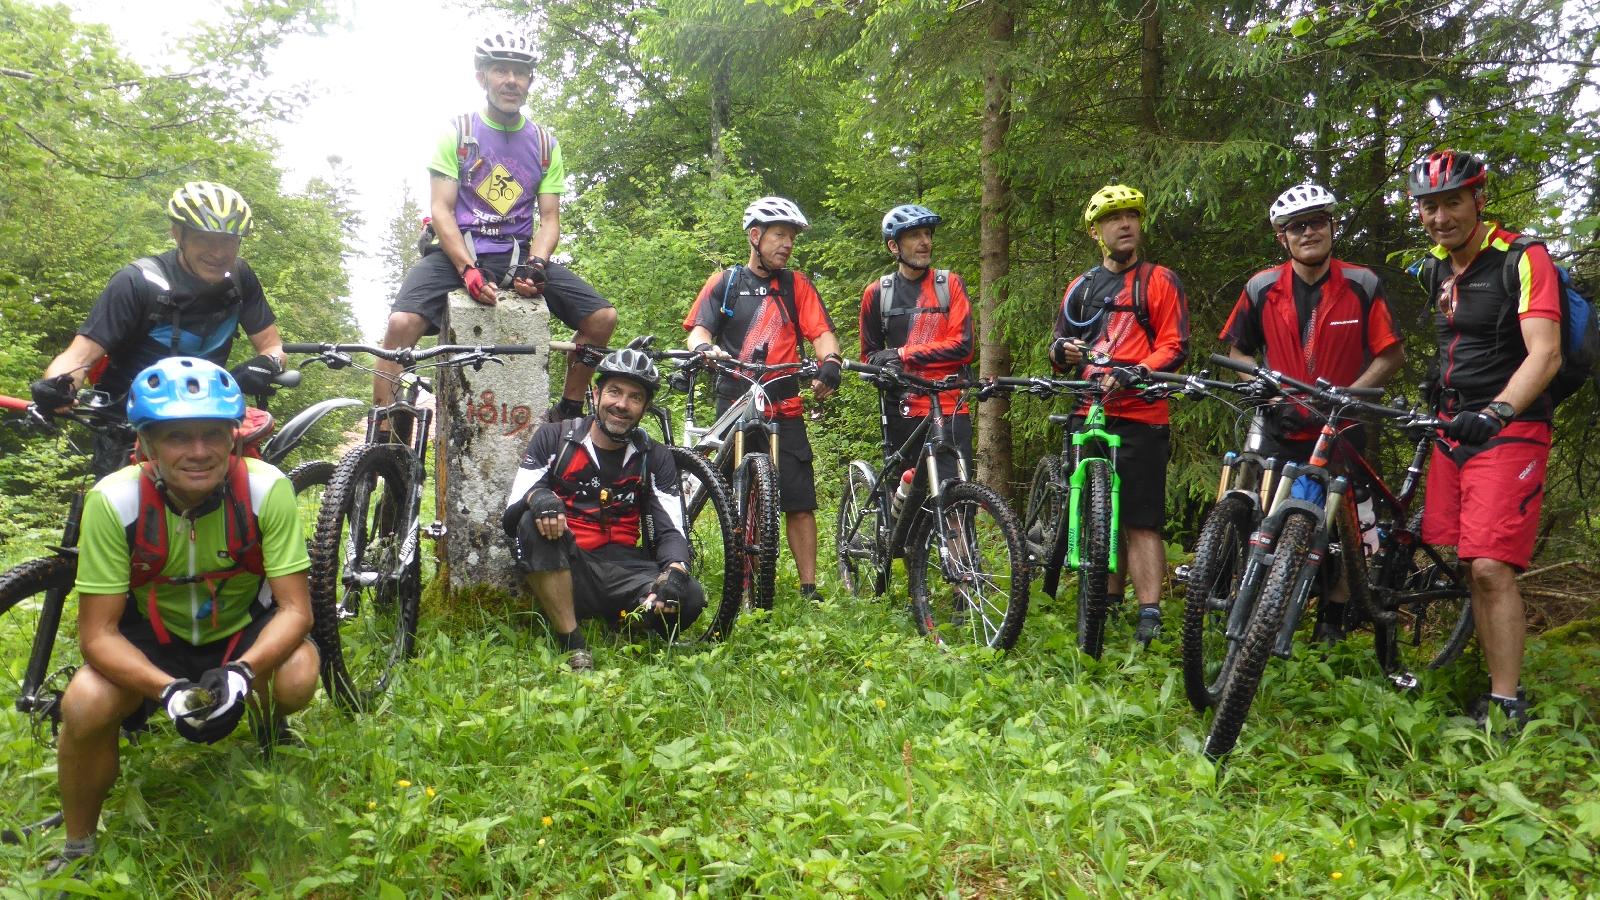 Xtra 3 Tages Biketour auf Grenzwegen